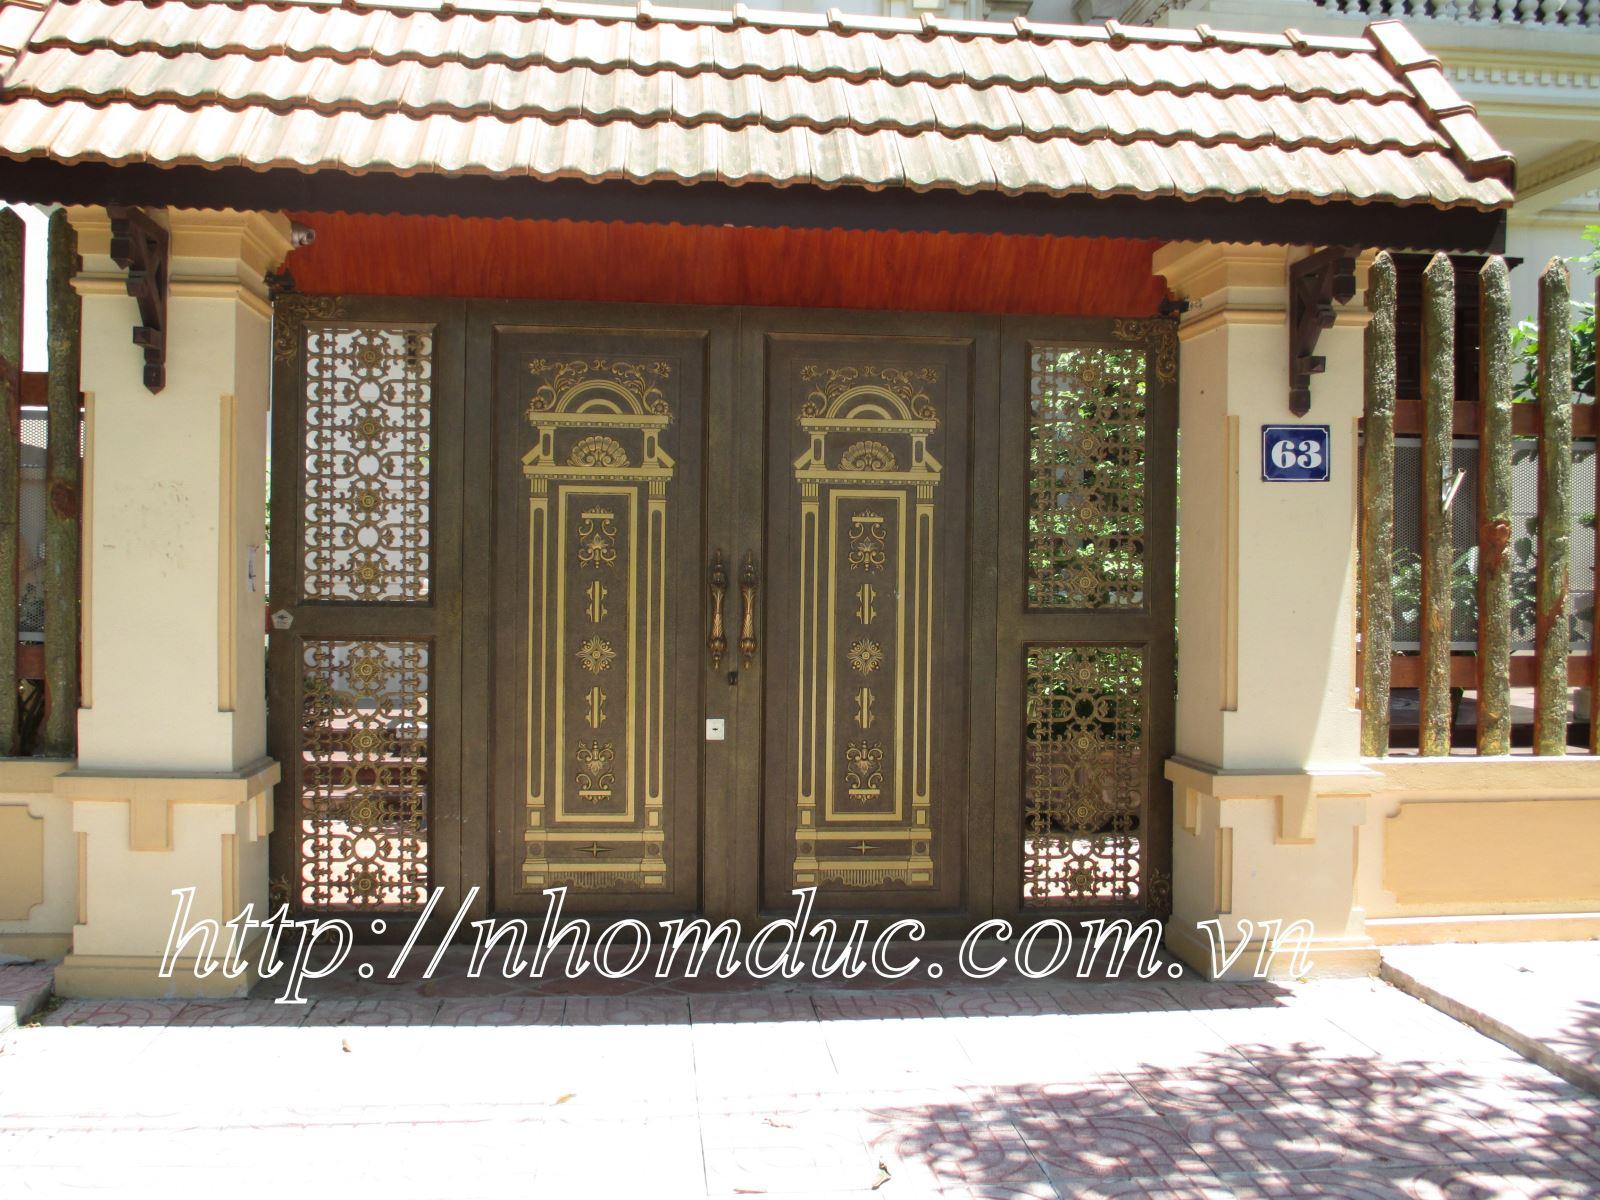 Cổng biệt thự Hà Nội - Cổng nhôm đúc, các dòng sản phẩm nhôm đúc như cửa nhôm đúc, cổng nhôm đúc, cổng biệt thự nhôm đúc cao cấp Nhật Bản